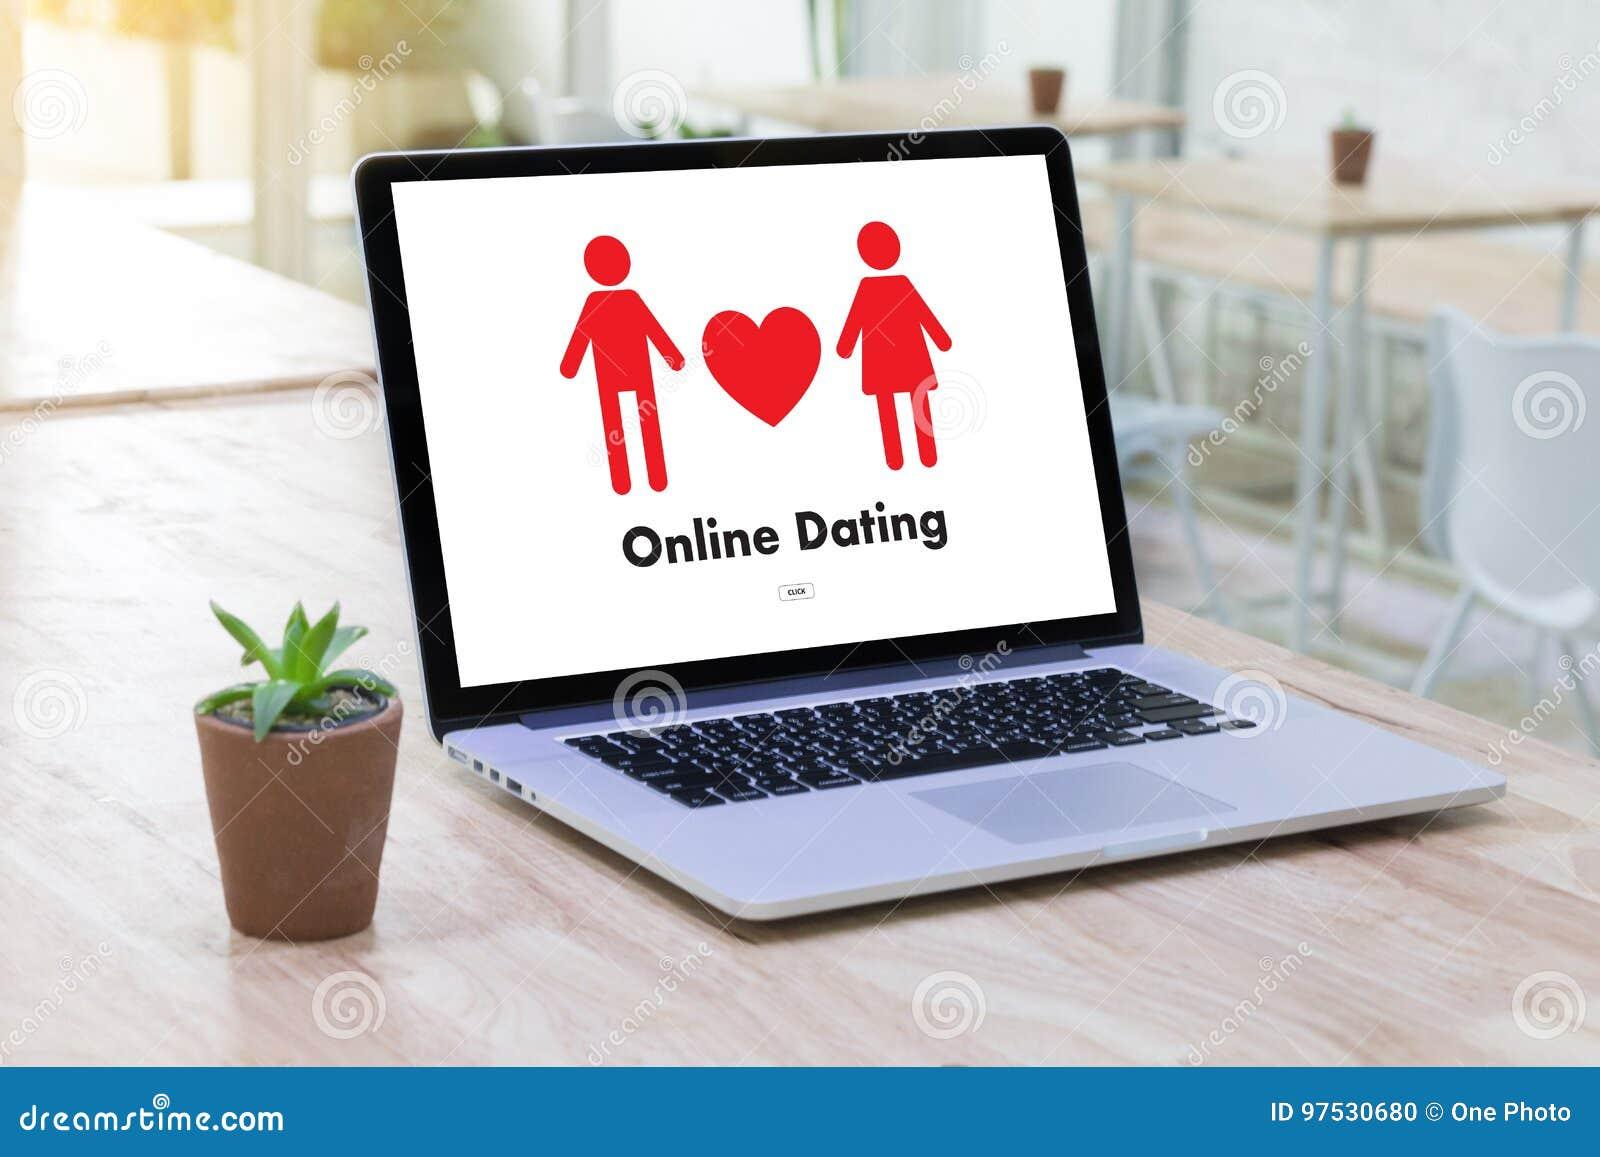 Matchmaker vs online dating